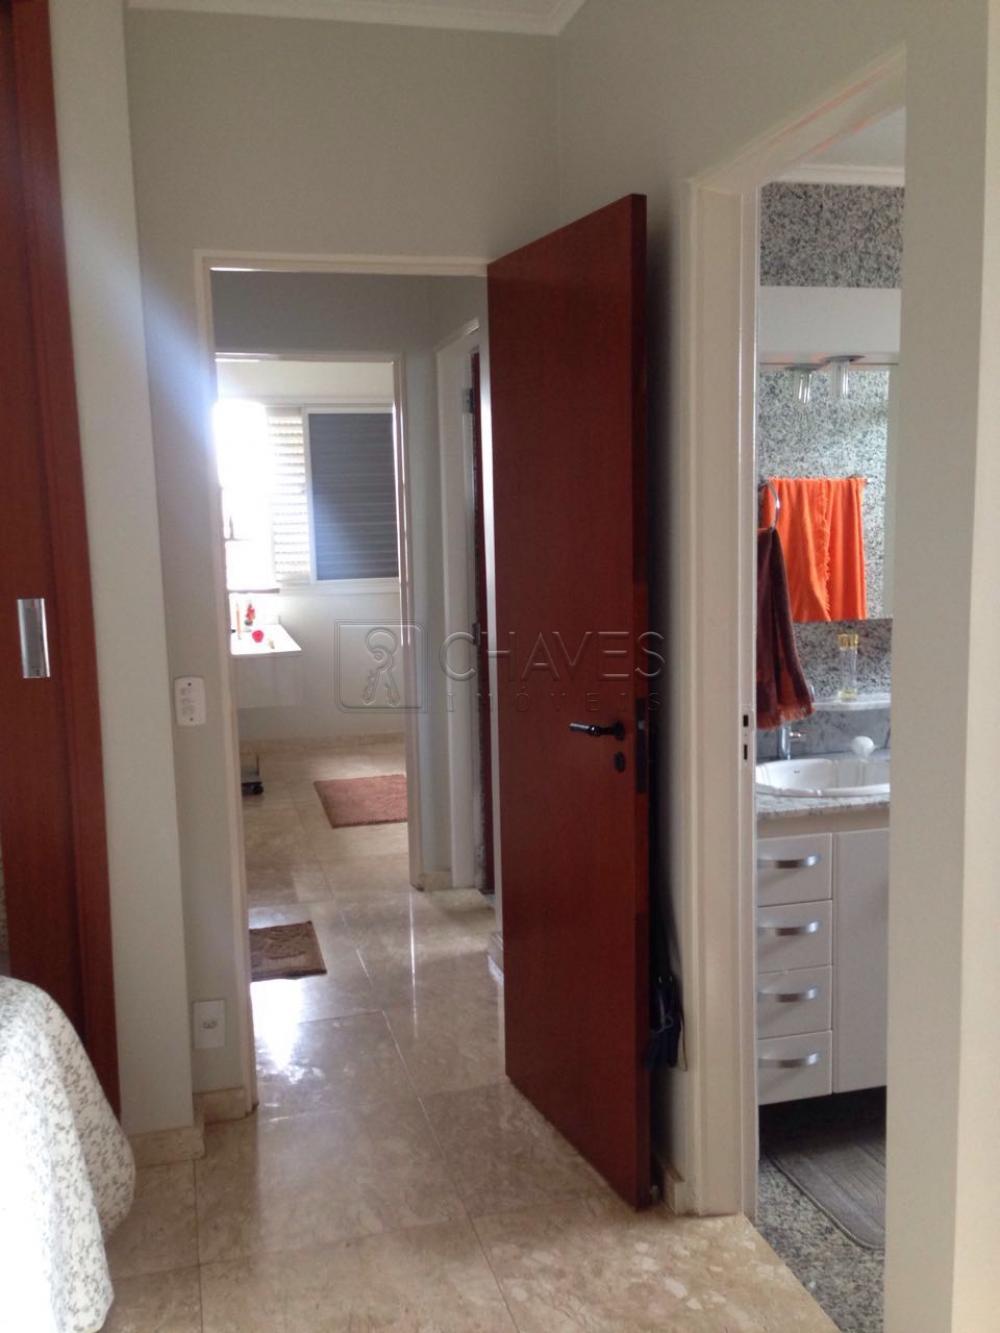 Comprar Apartamento / Padrão em Ribeirão Preto apenas R$ 415.000,00 - Foto 19